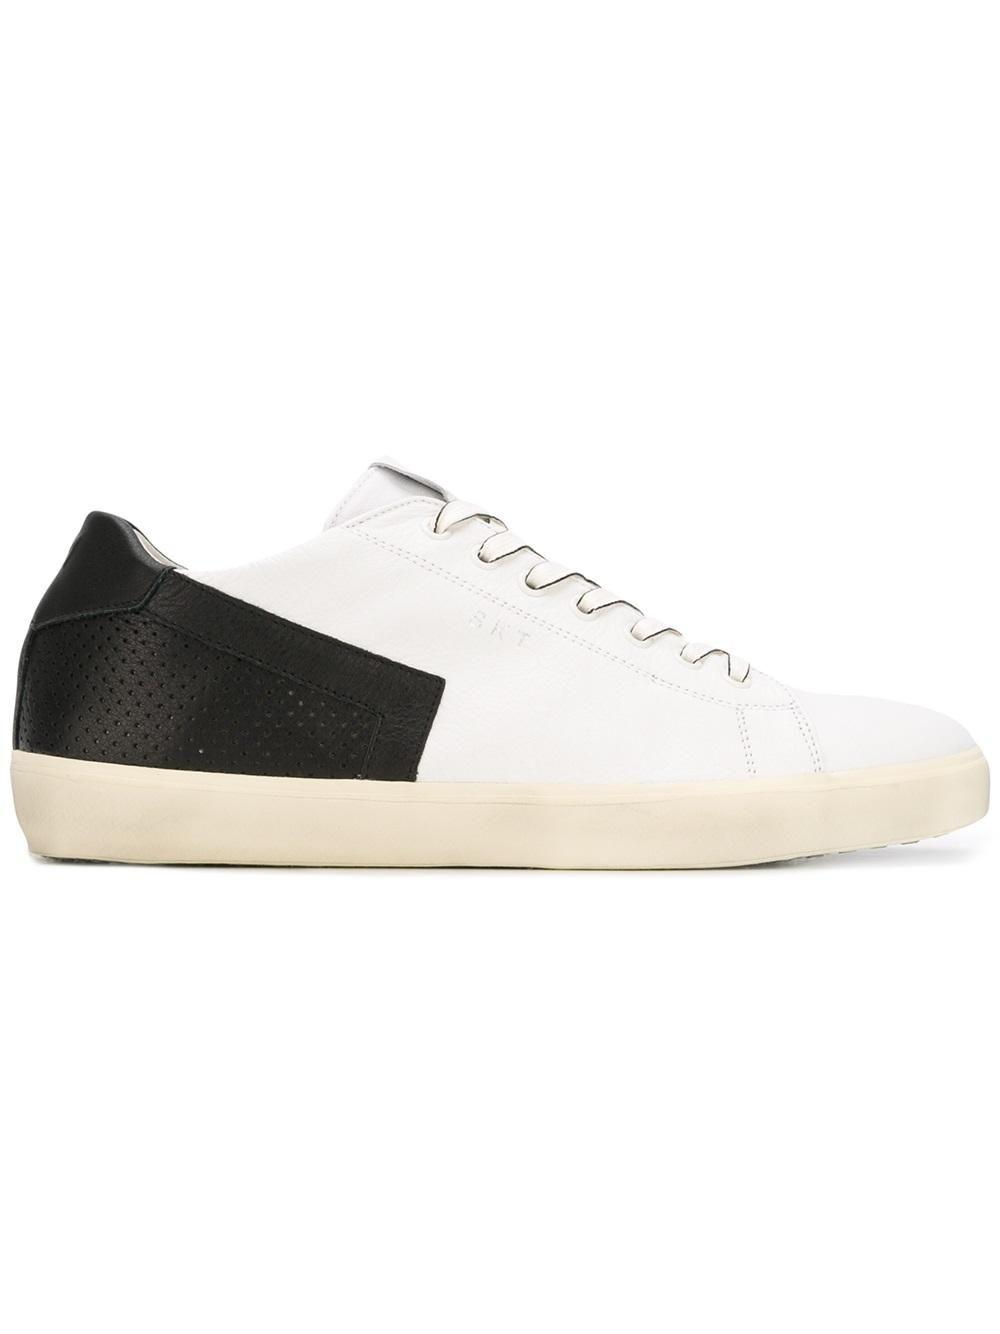 Pin de _KINGDOM CASTLE_ en BOYS- Low Top Sneakers   Pinterest